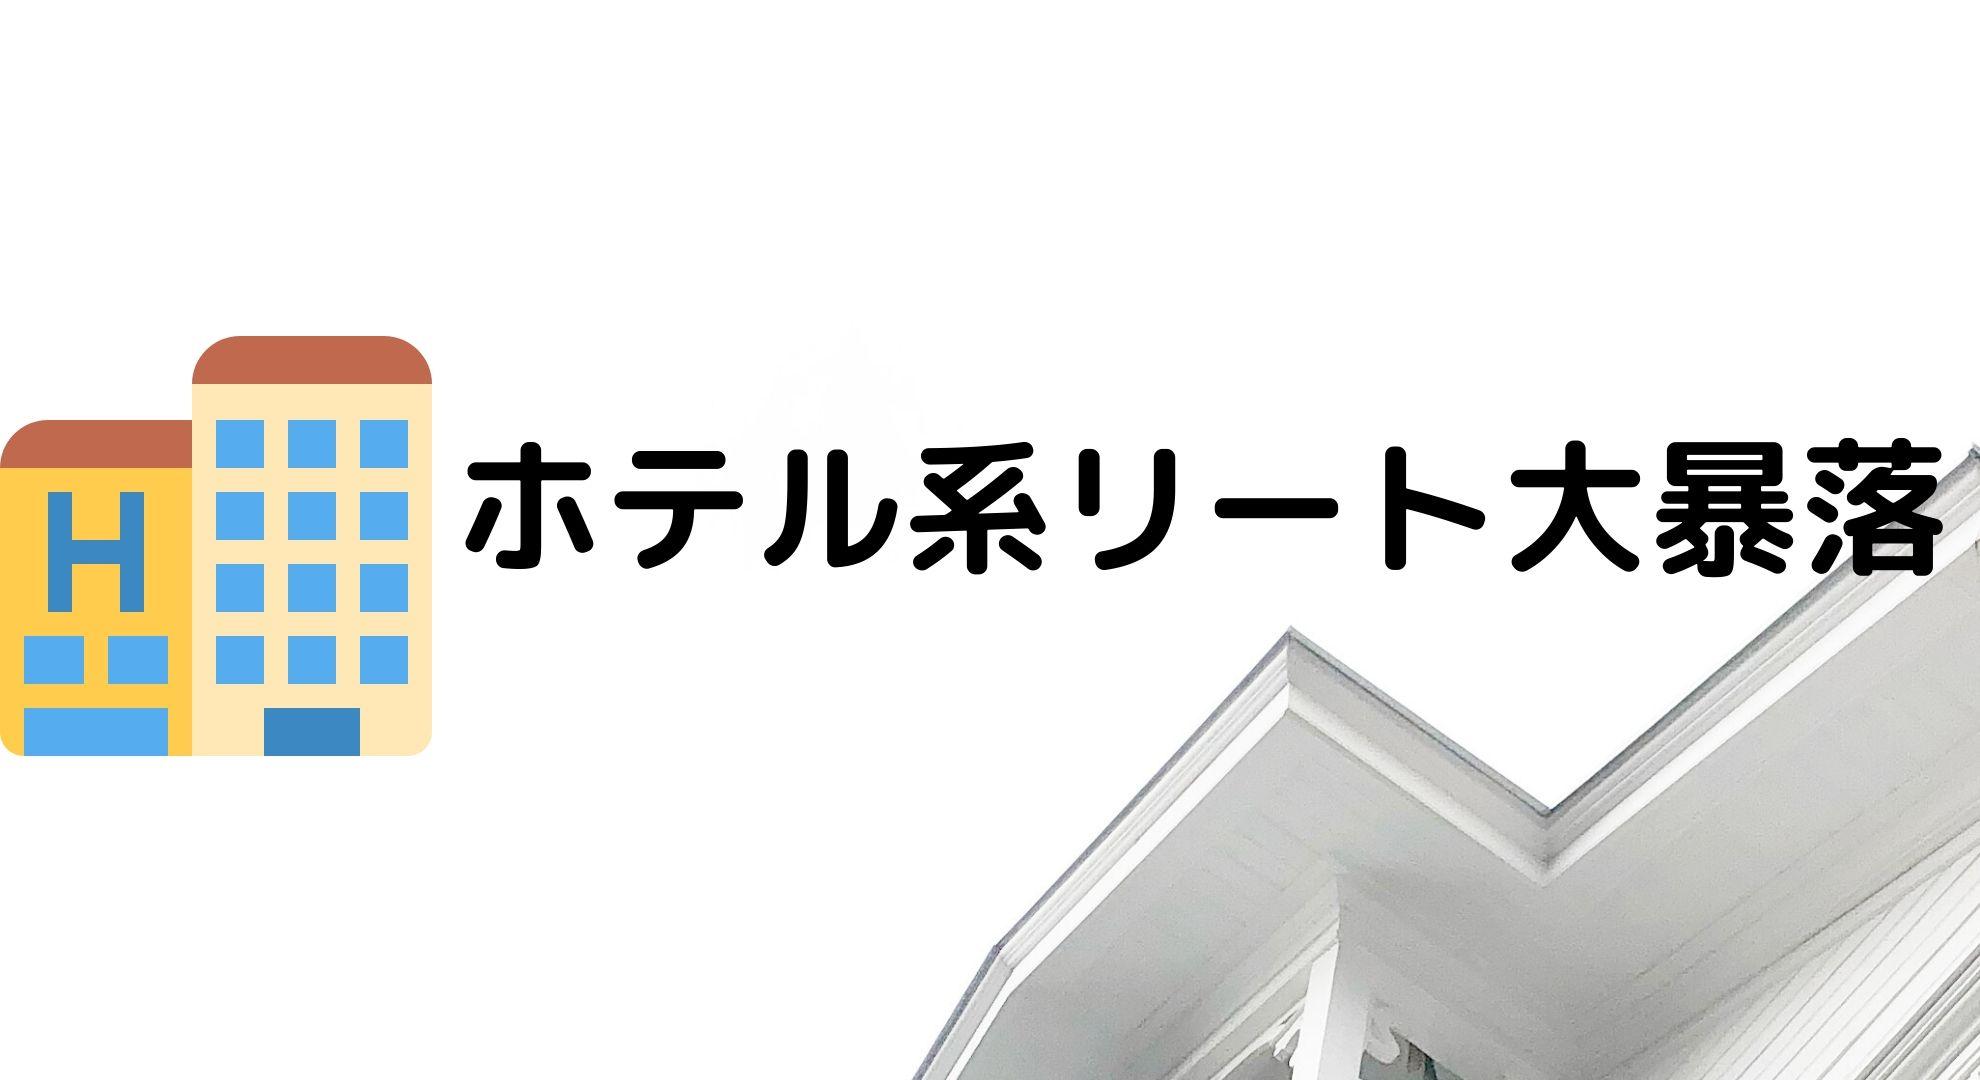 インヴィンシブル投資配当2019円6月期1656円→2020年6月期30円の大幅減益でホテルリード暴落!